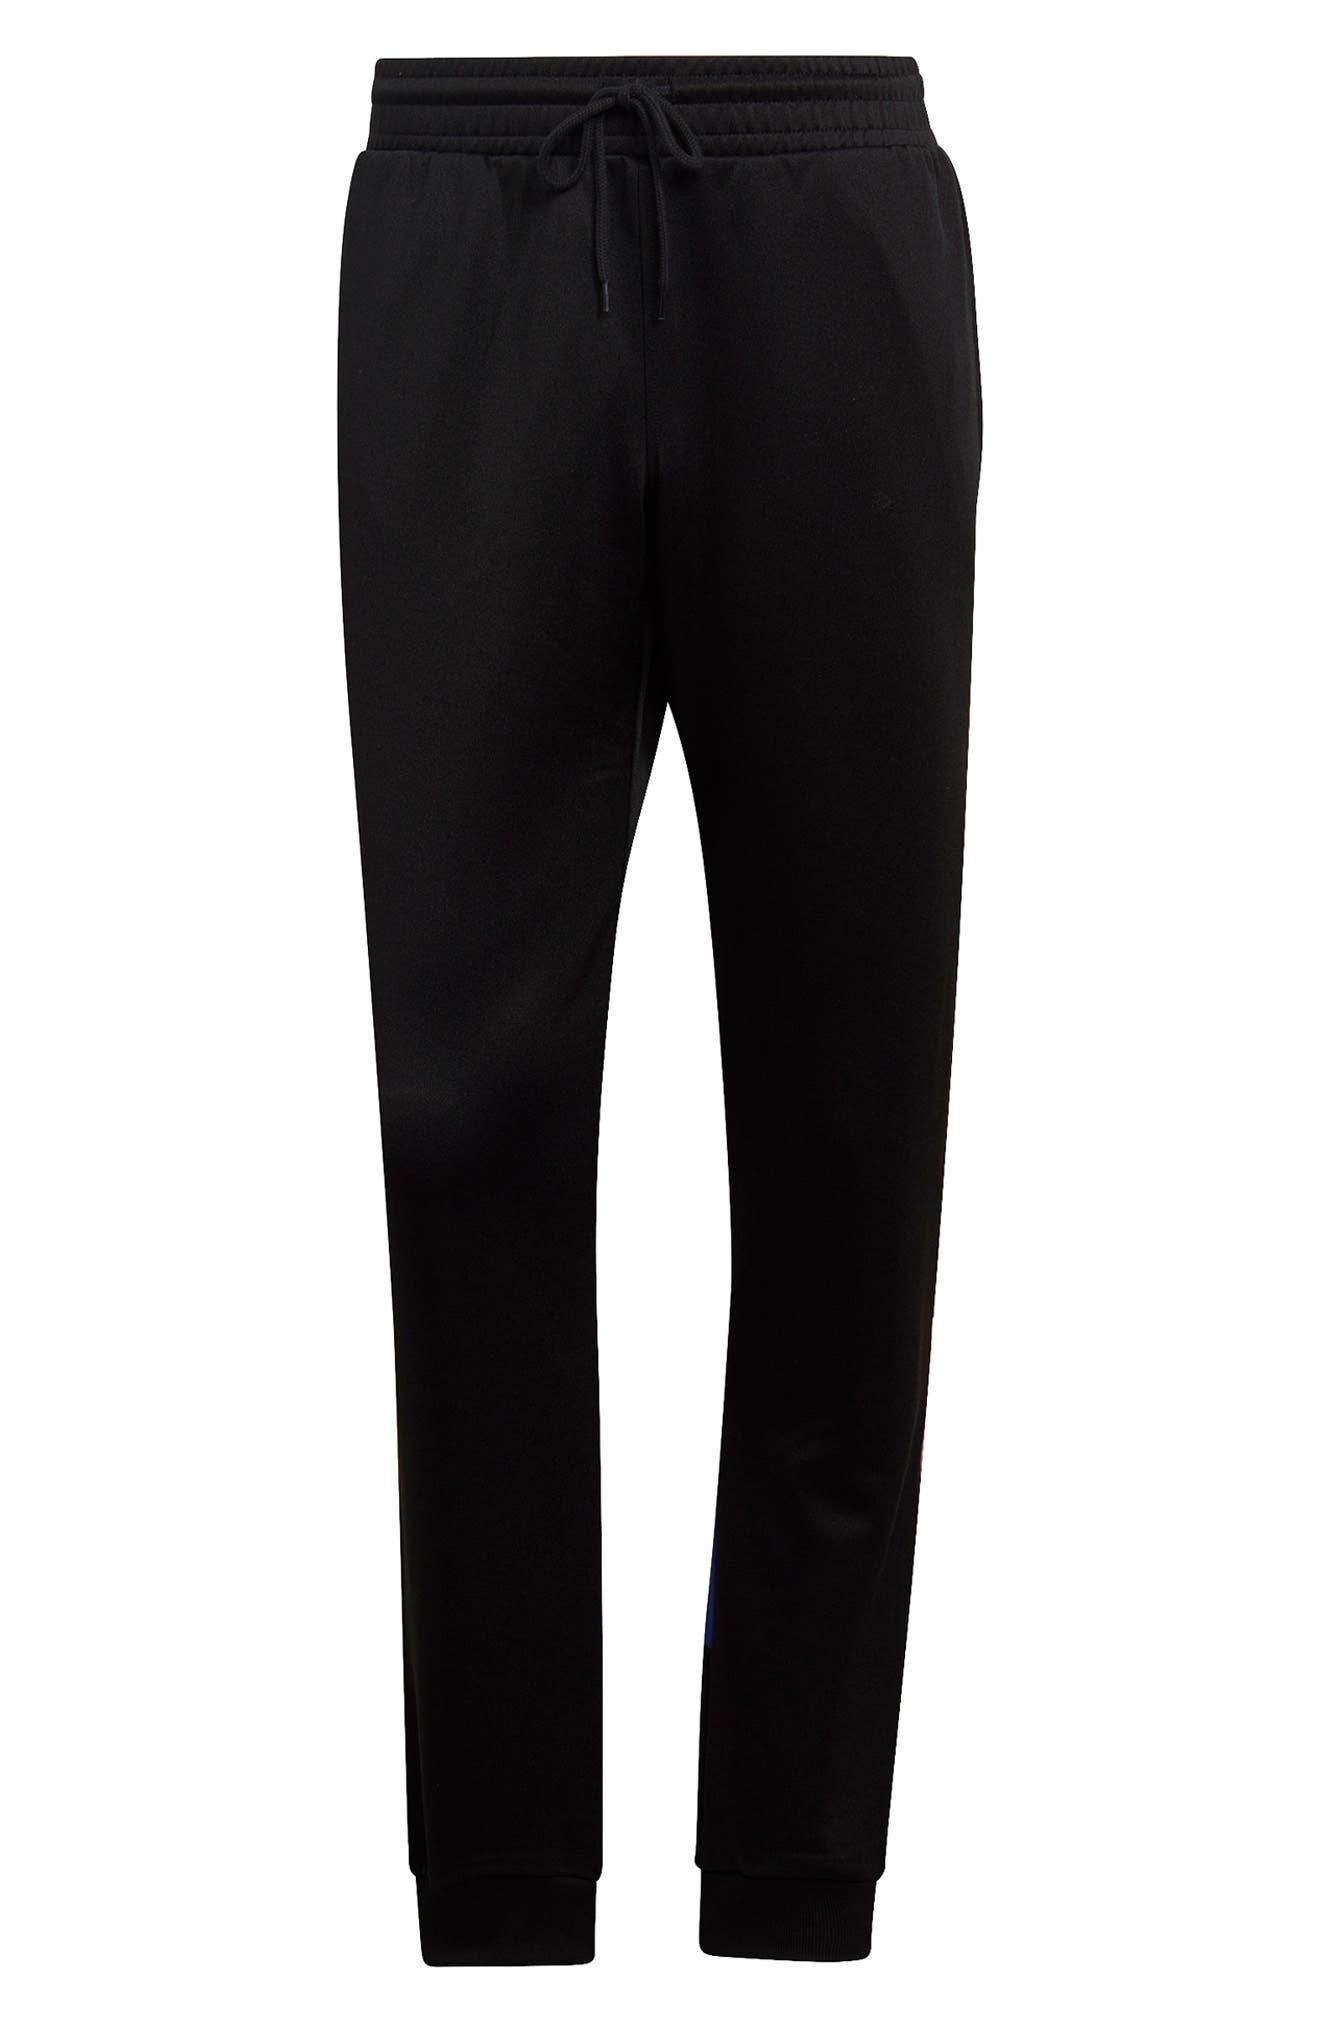 Men's Adidas Originals Degrade Sweatpants